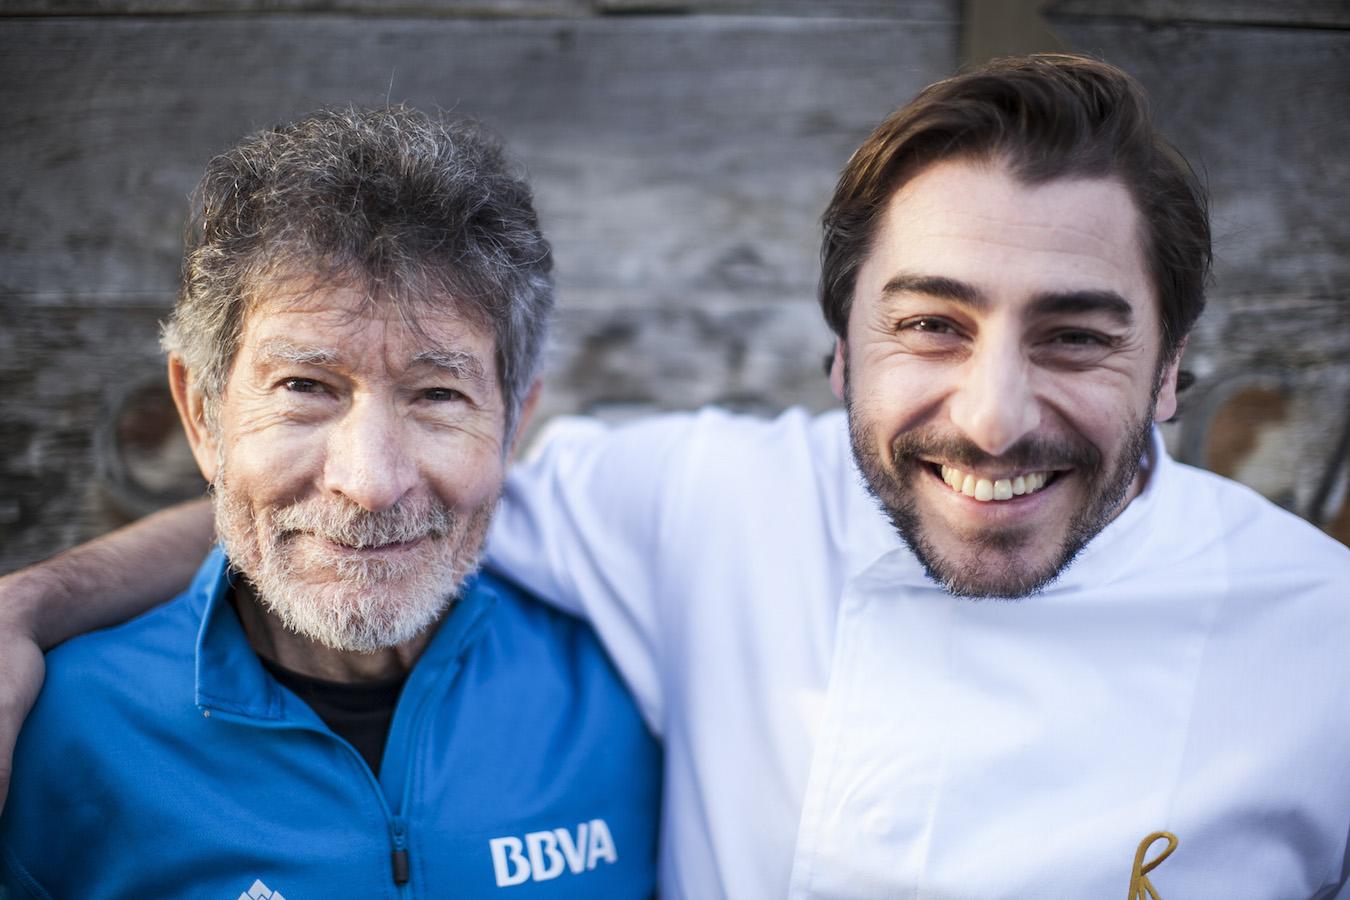 Carlos Soria y Jordi Roca